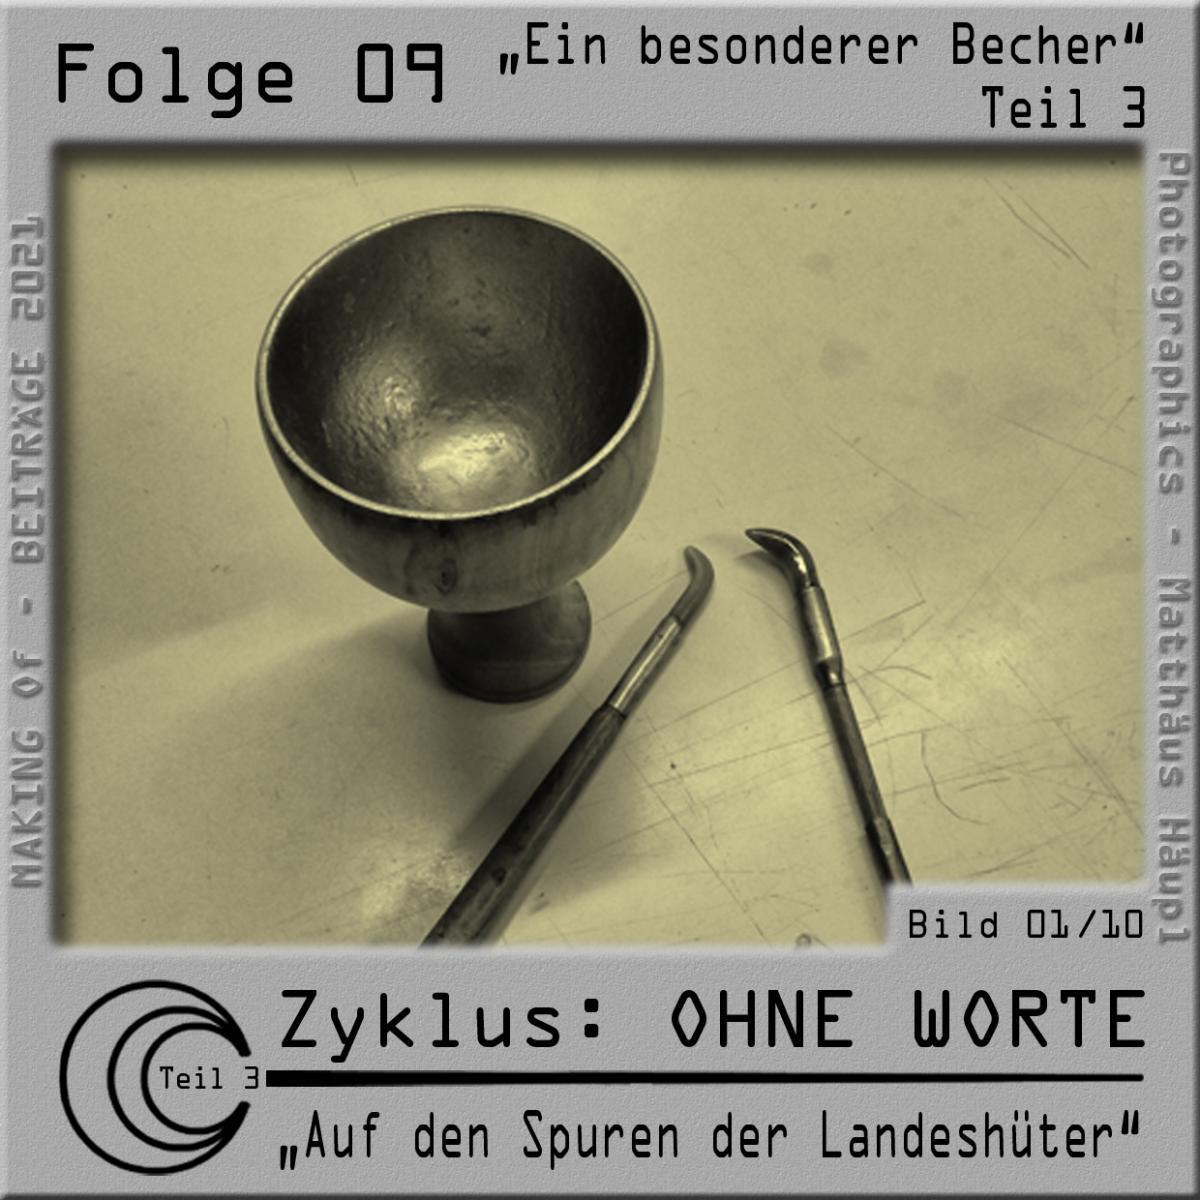 Folge-09 Ein-besonderer-Becher Teil-3-01